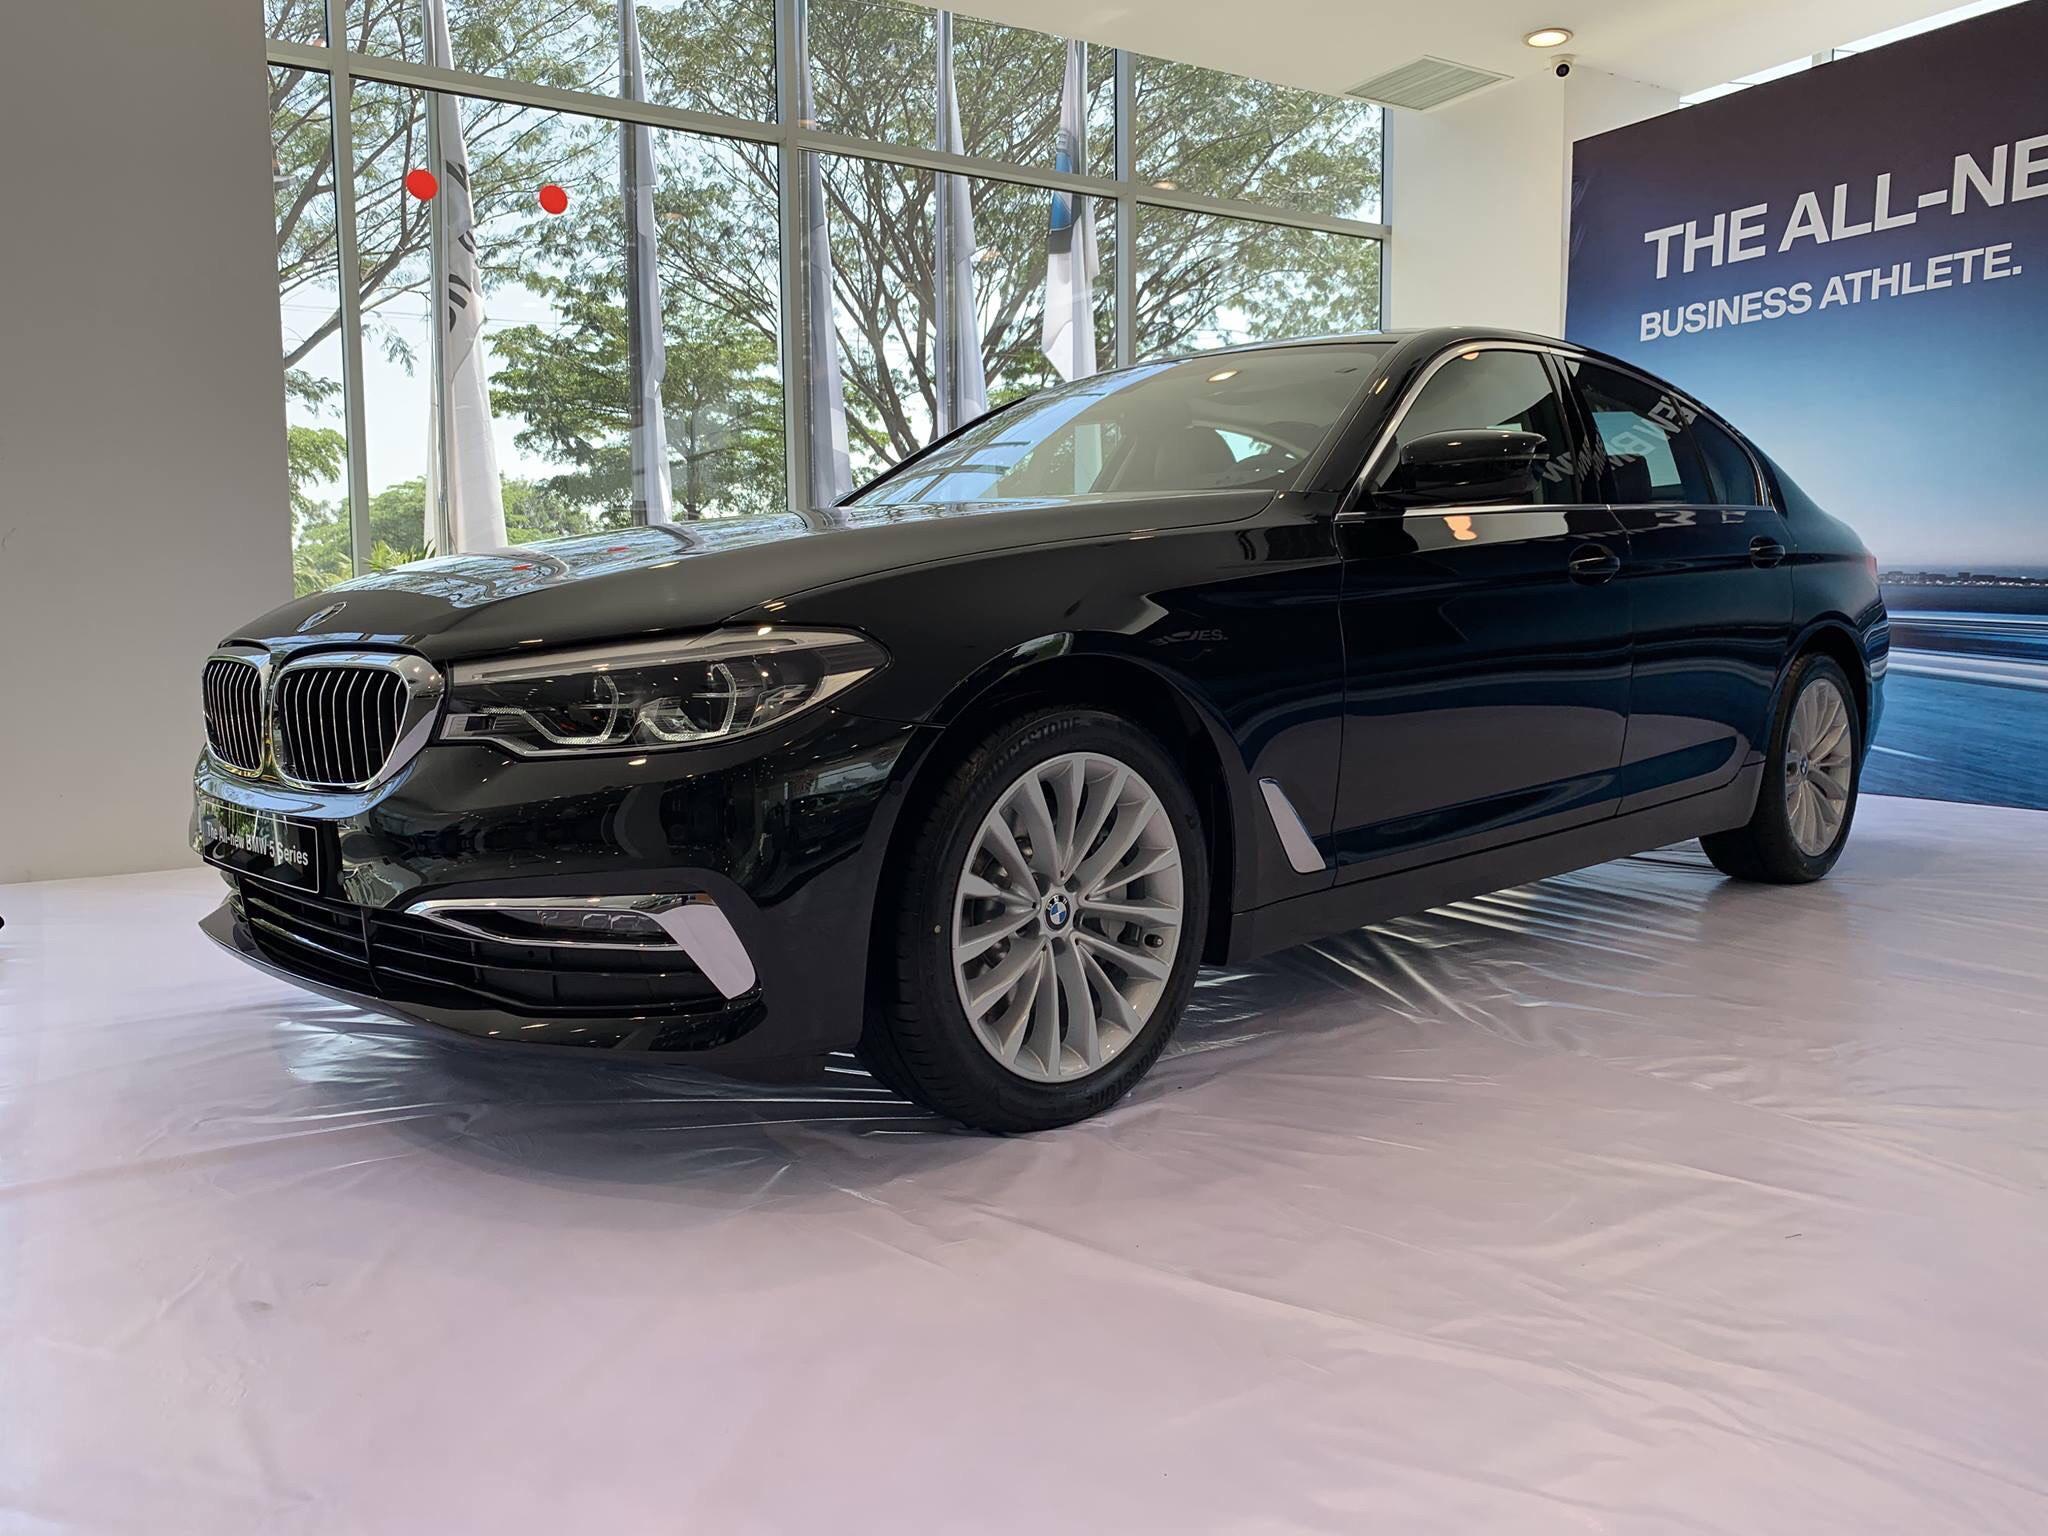 Khám phá BMW 520d máy dầu và BMW 530i máy xăng BMW 5 series G30 2017 mới nhất